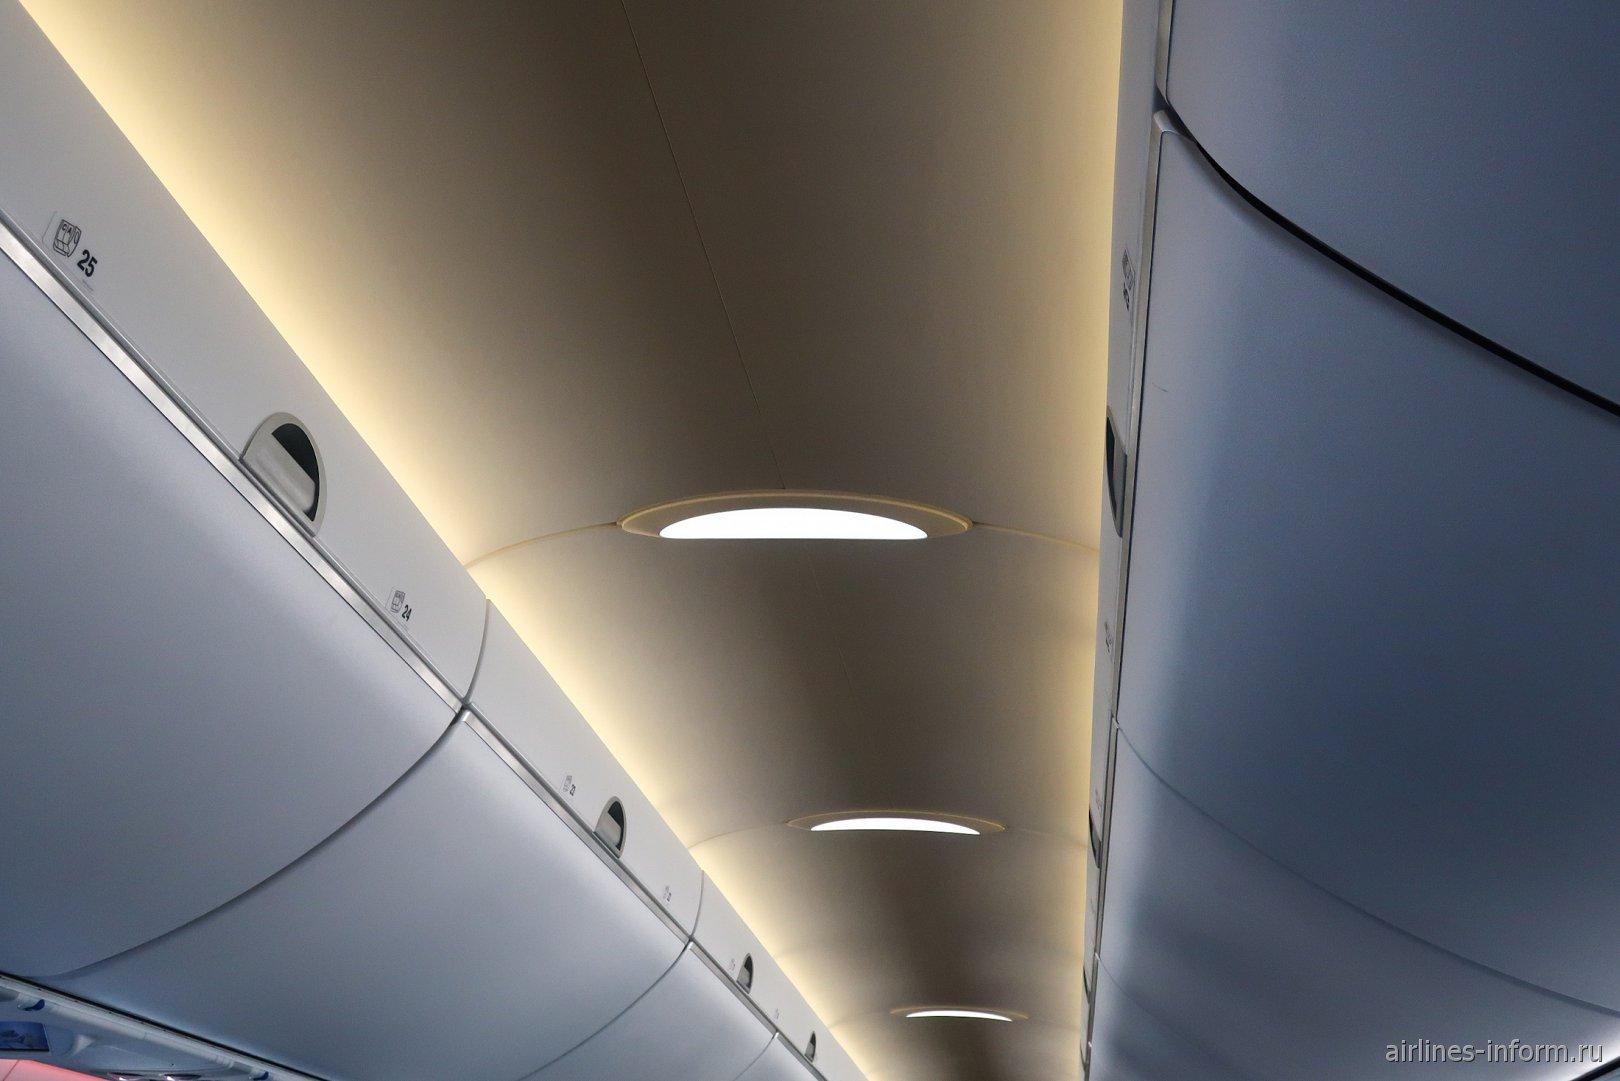 Мягкое освещение пассажирского салона в авиалайнере Airbus A220-300